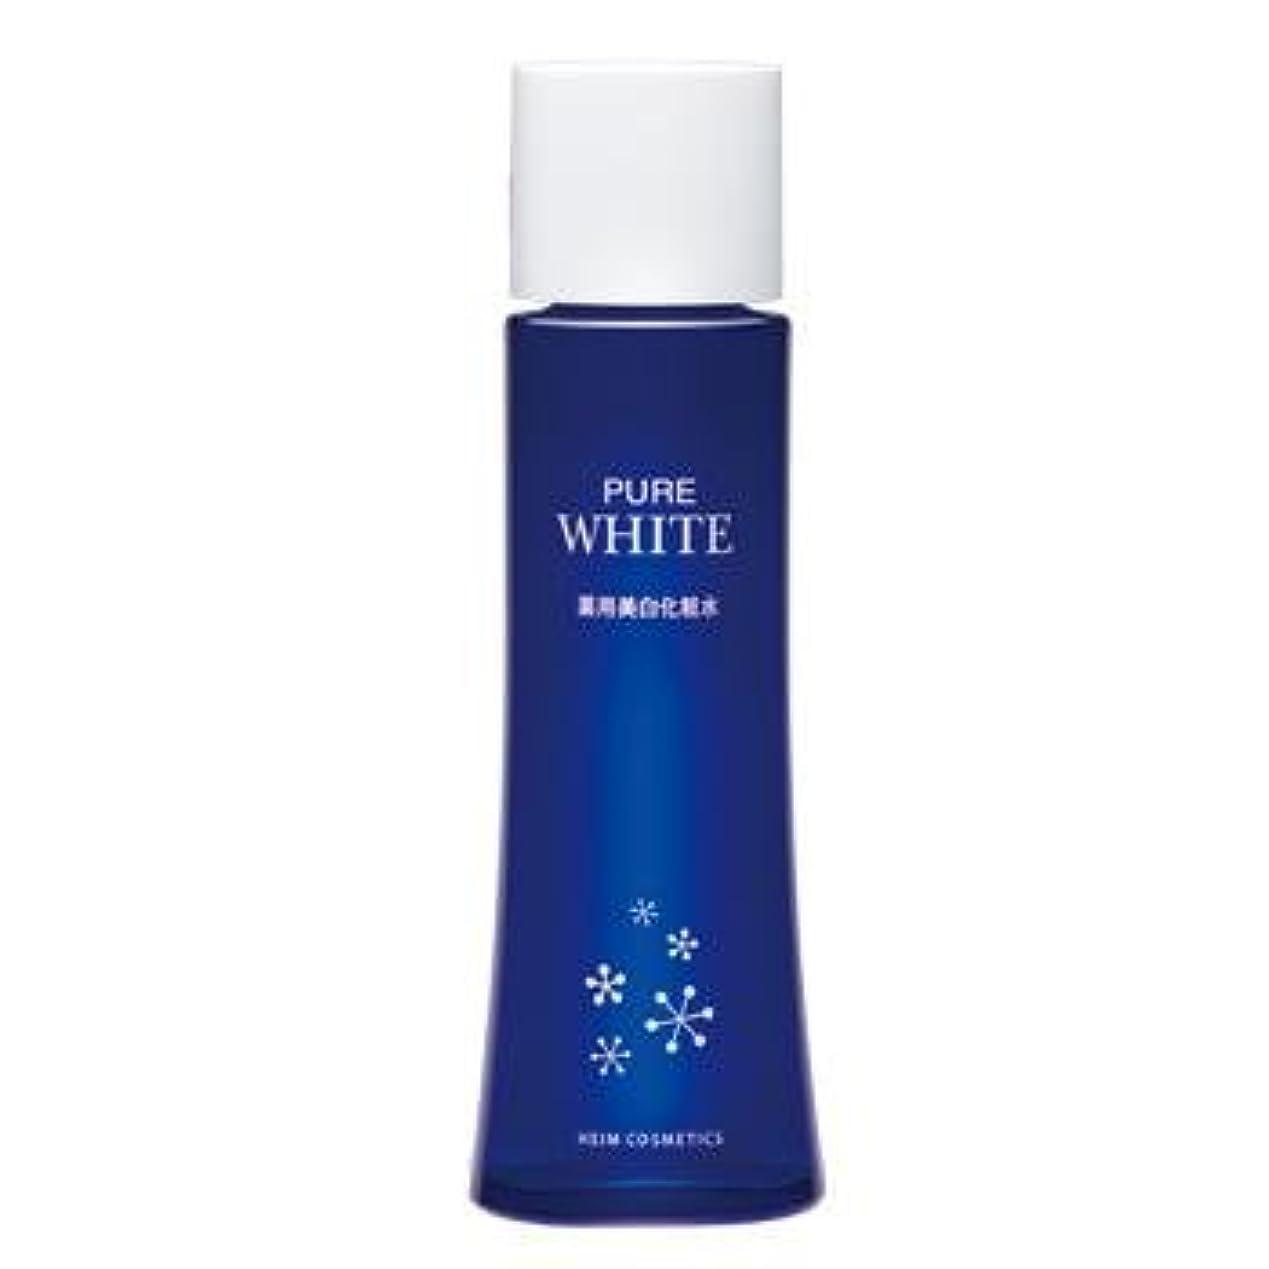 初期の識字うまハイム化粧品/薬用ピュアホワイト/化粧水(しっとり)【乾燥しやすい肌に美白とうるおいを】